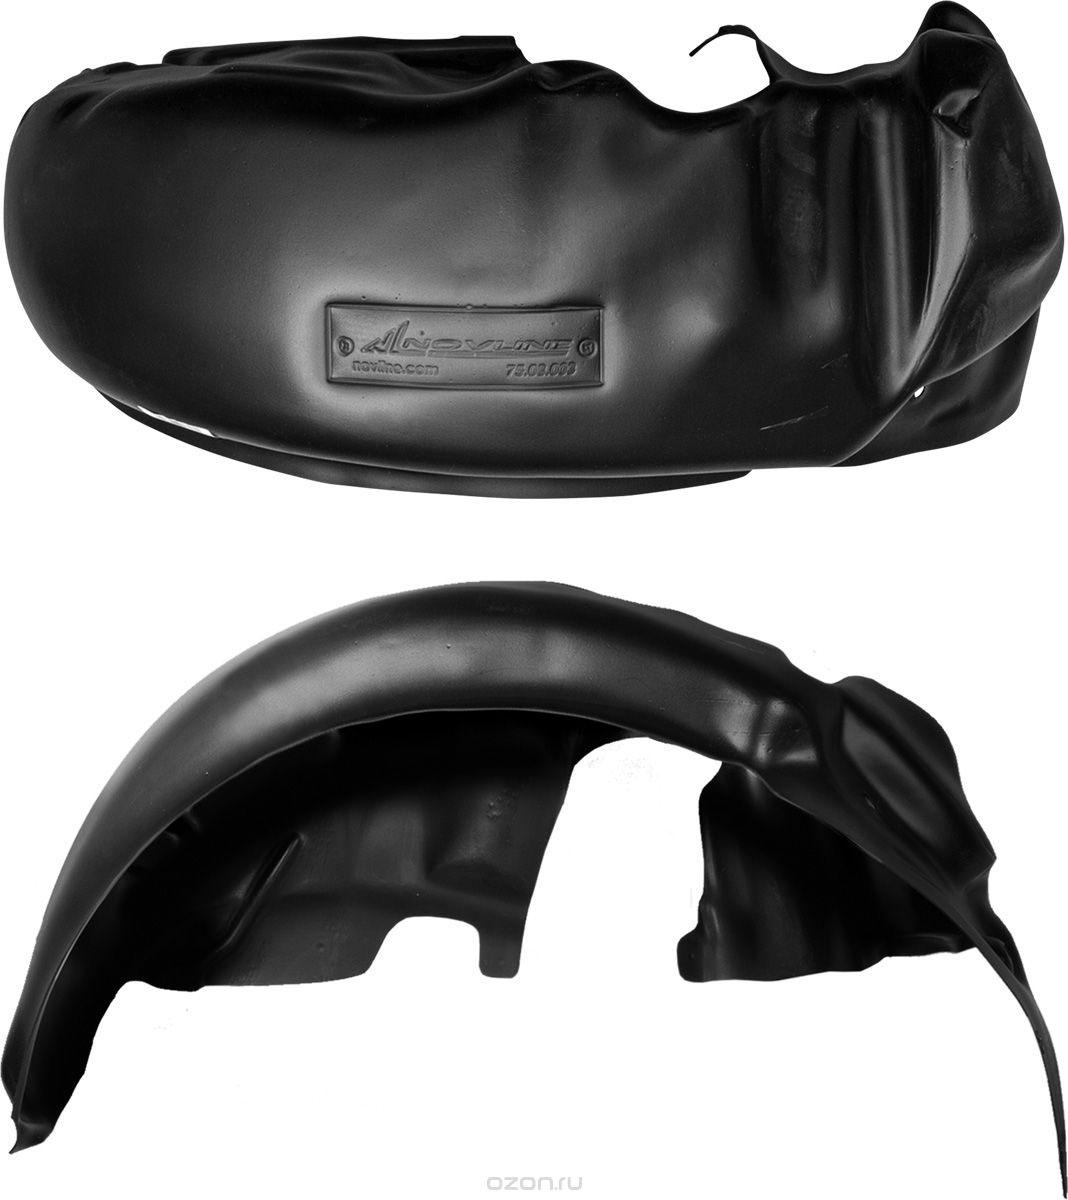 Подкрылок Novline-Autofamily, для Mercedes-Benz Sprinter Classic, 2013->, W905 двускатный, задний левыйNLL.34.01.003Идеальная защита колесной ниши. Локеры разработаны с применением цифровых технологий, гарантируют максимальную повторяемость поверхности арки. Изделия устанавливаются без нарушения лакокрасочного покрытия автомобиля, каждый подкрылок комплектуется крепежом. Уважаемые клиенты, обращаем ваше внимание, что фотографии на подкрылки универсальные и не отражают реальную форму изделия. При этом само изделие идет точно под размер указанного автомобиля.